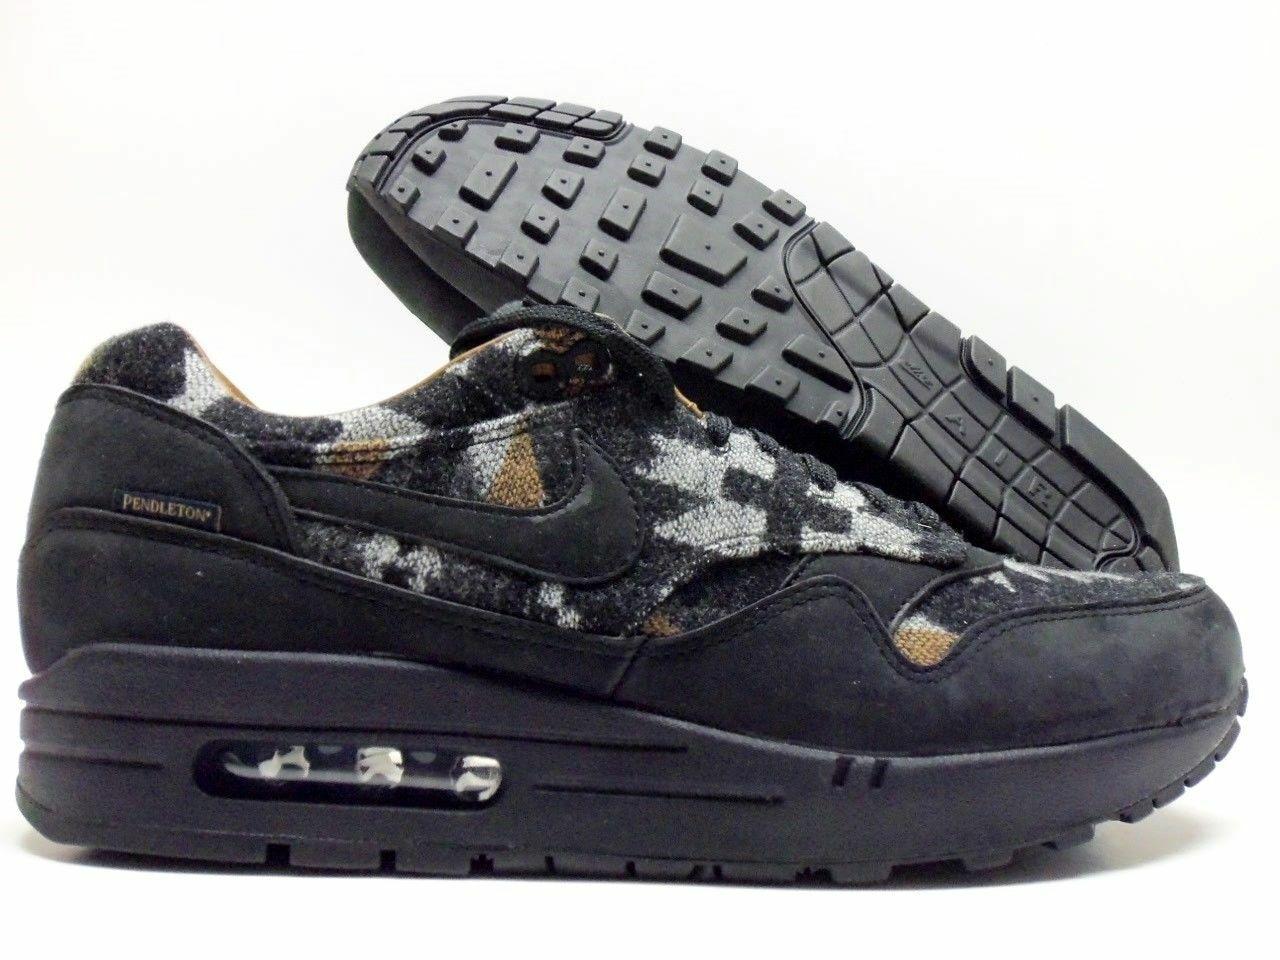 Details about Nike Air Max 1 PND QS Pendleton Premium Black Ale Brown Men's 825861 004 SZ 14